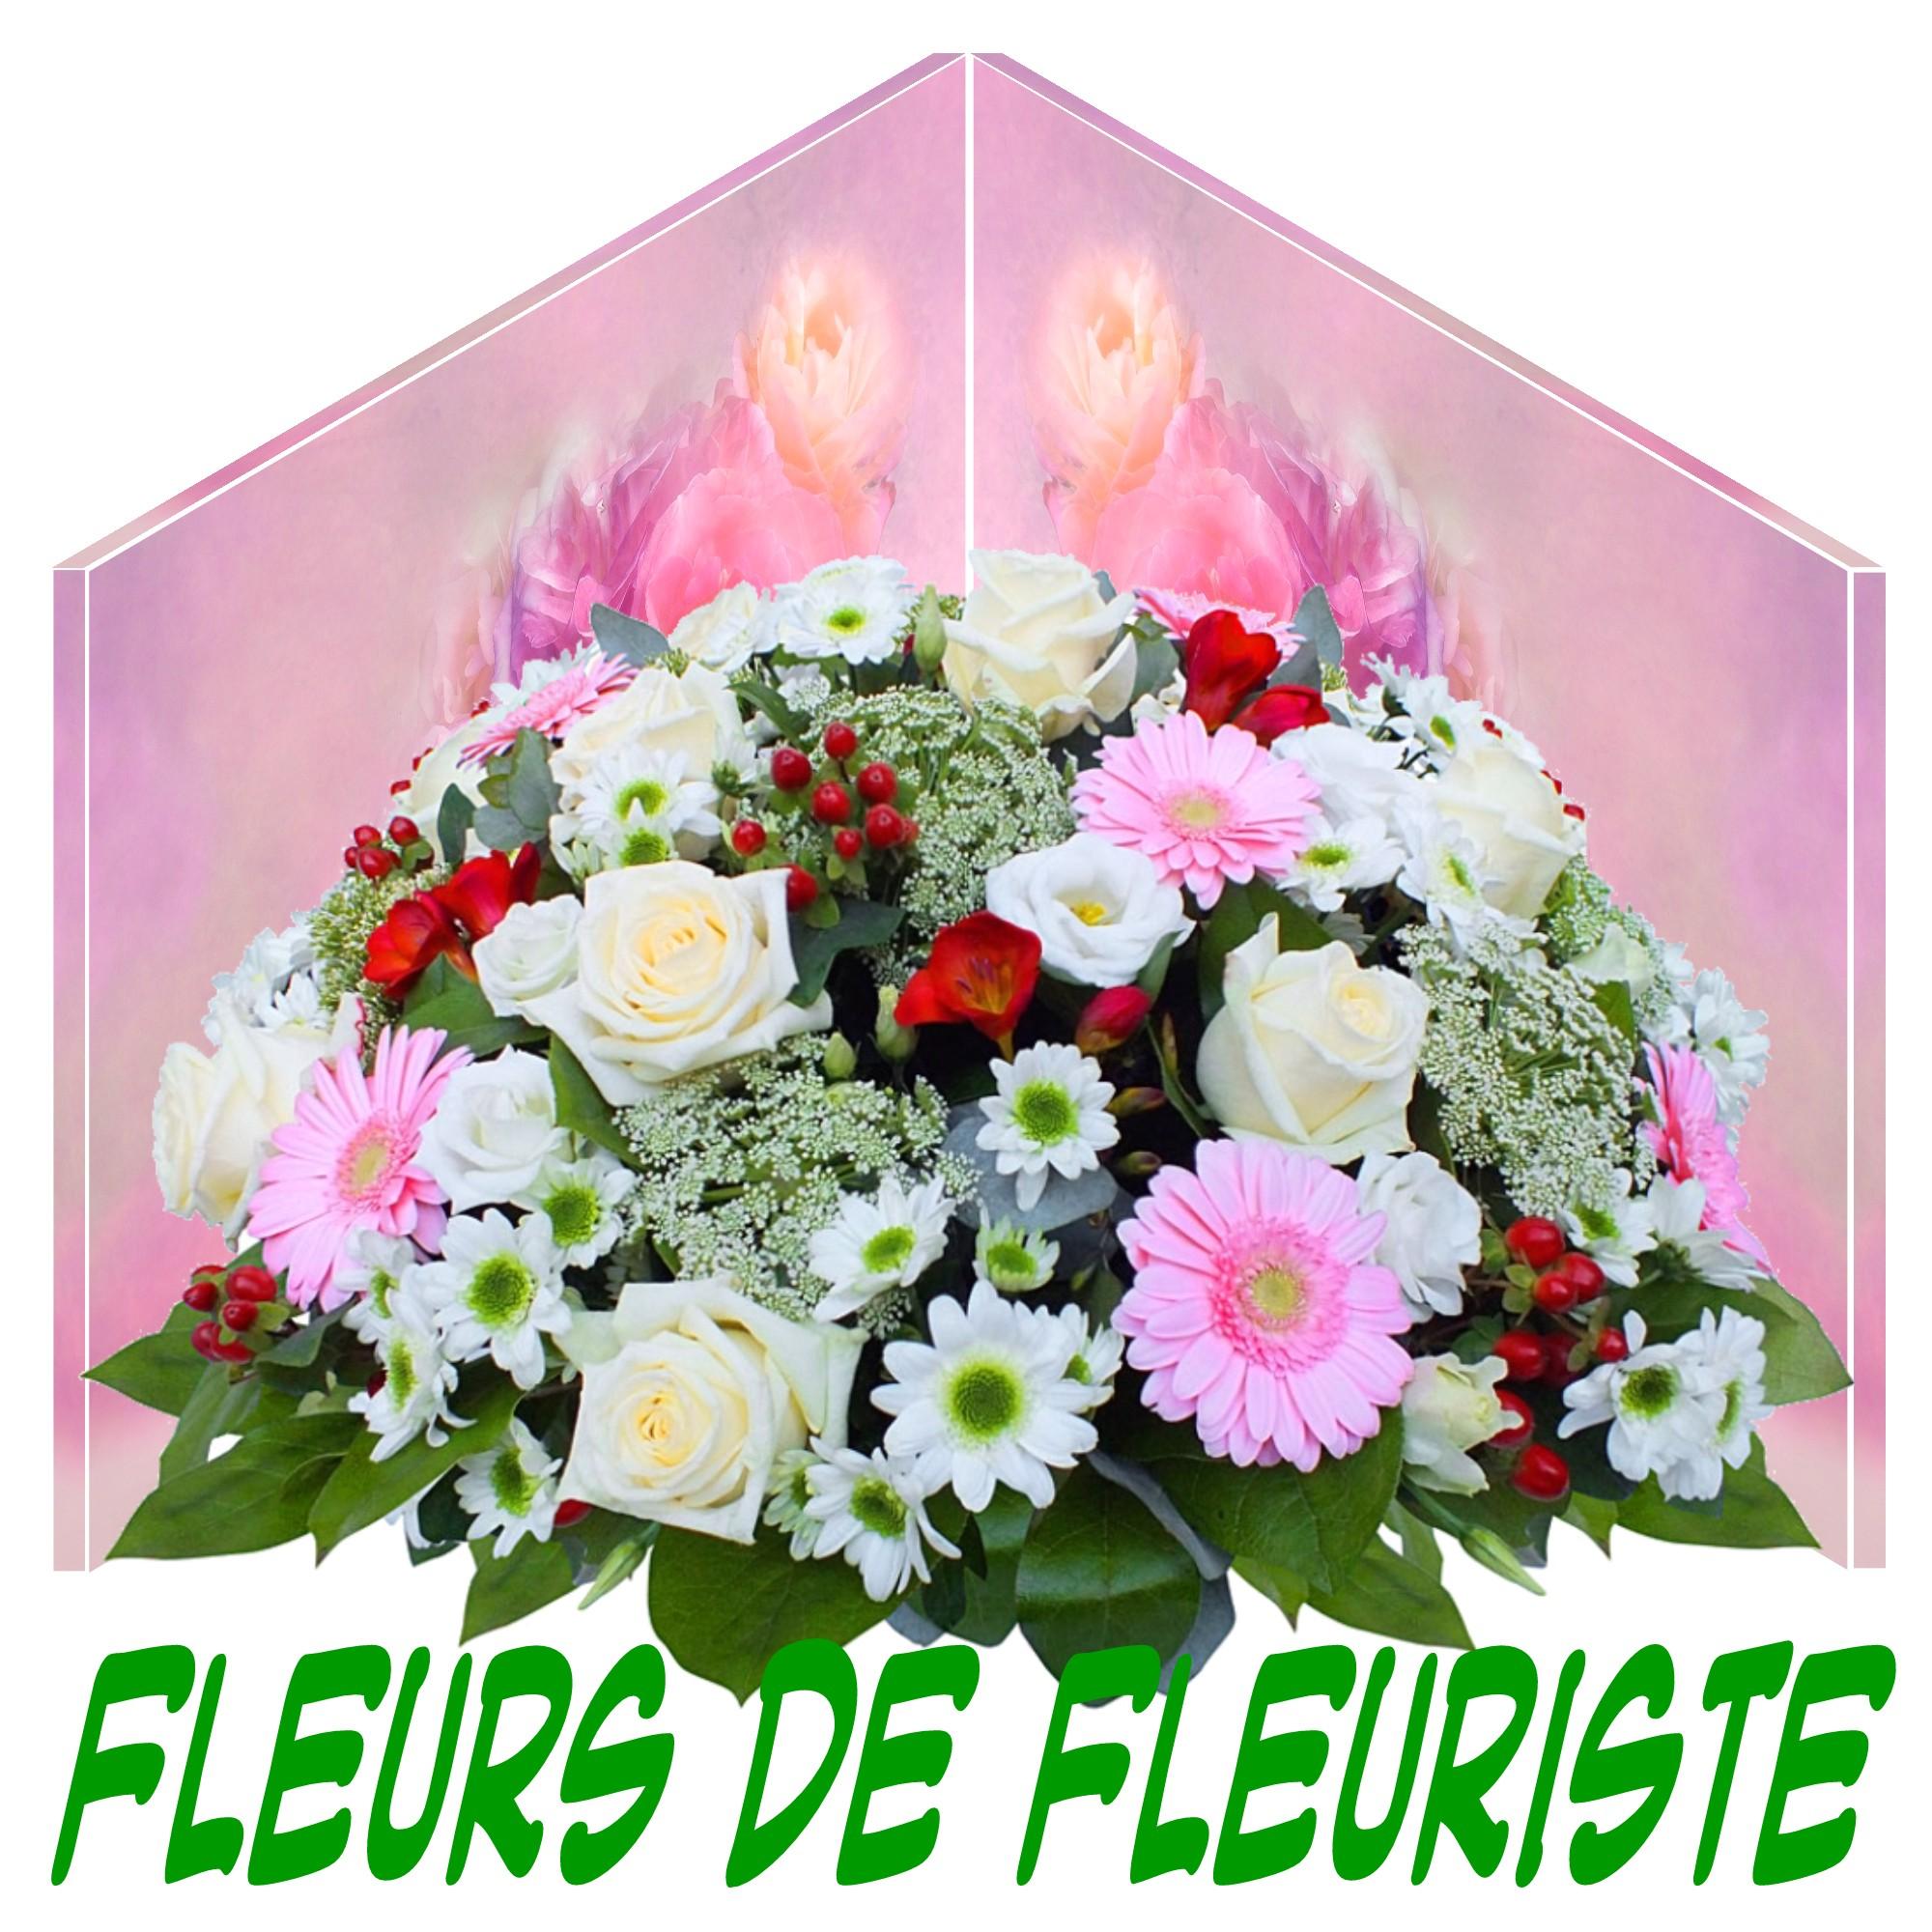 COUSSINS DE FLEURS DEUIL TOUTES LES FLEURS POUR LE DEUIL.